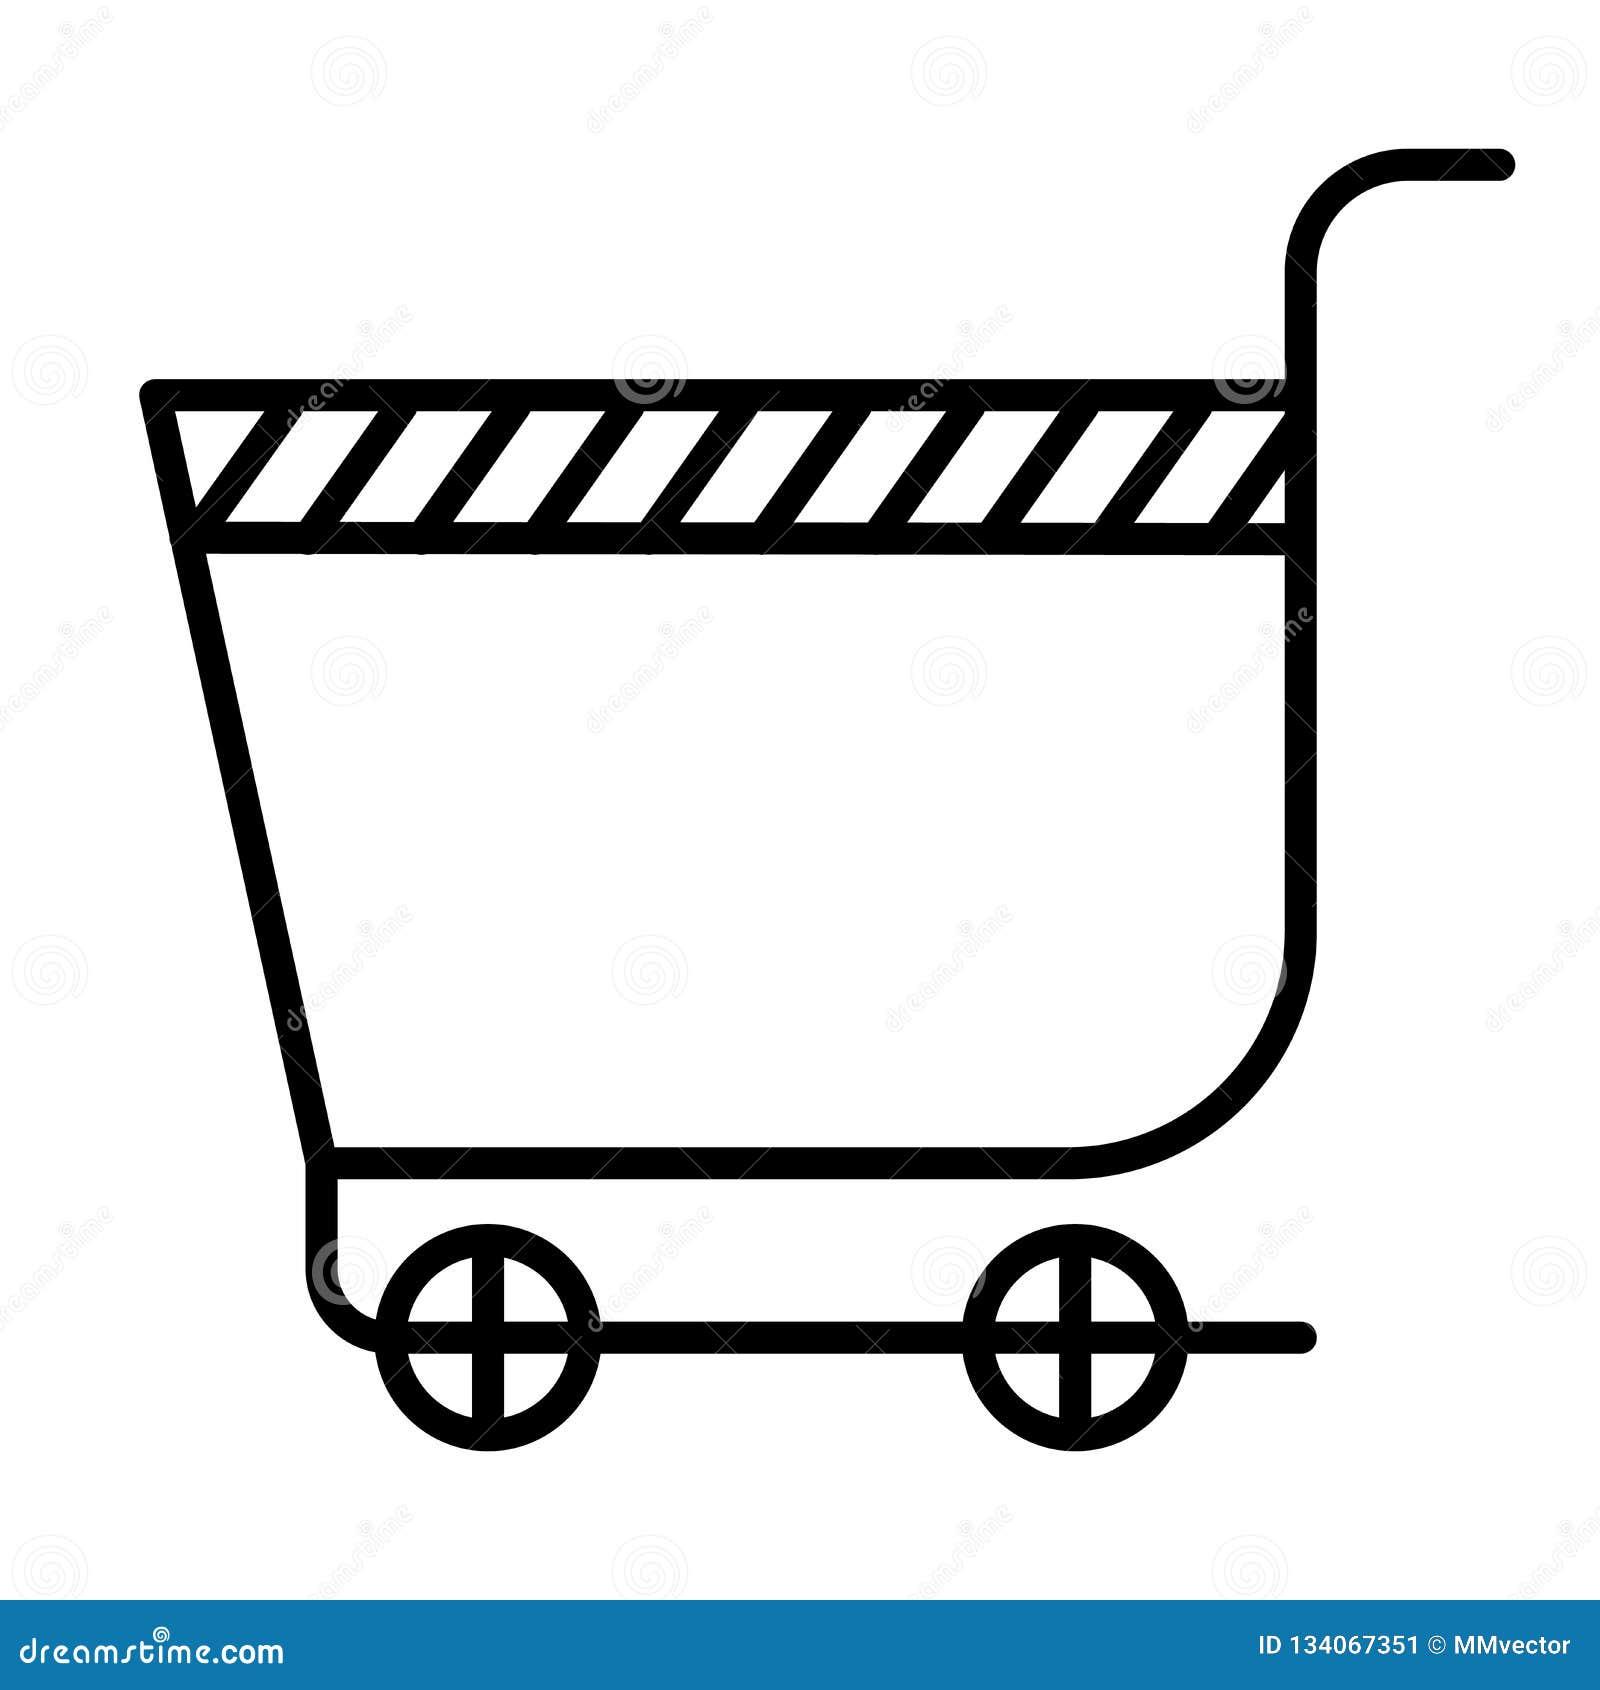 Muestra y símbolo del vector del icono del carro de la compra del supermercado aislados en el fondo blanco, concepto del logotipo